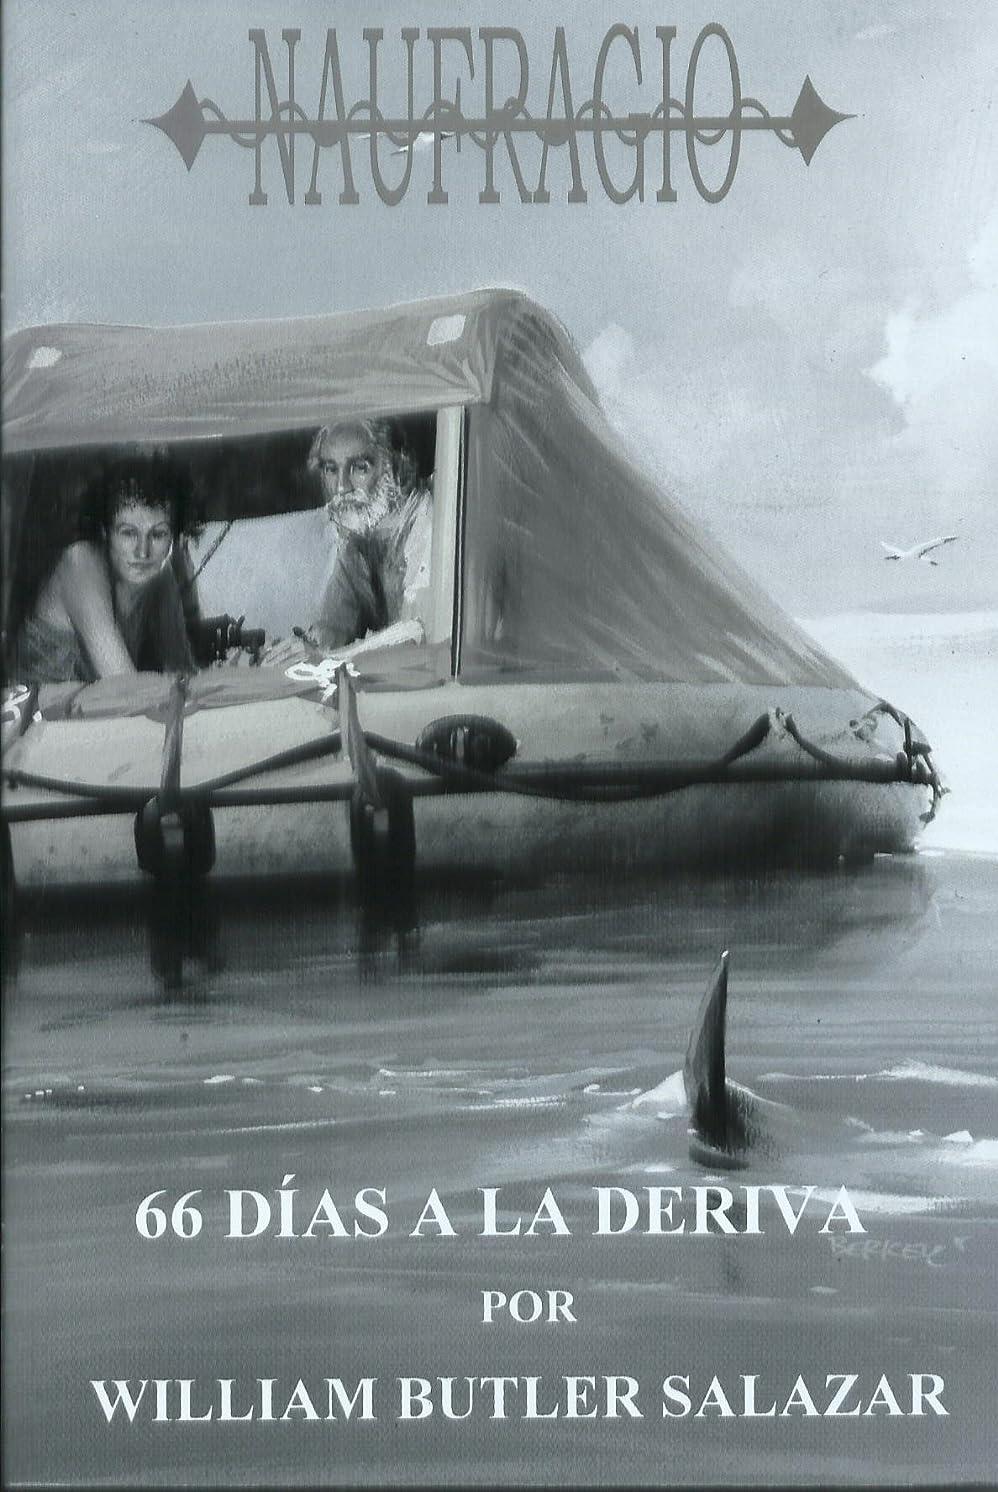 破壊的上院議員心のこもったNAUFRAGIO (Spanish Edition)